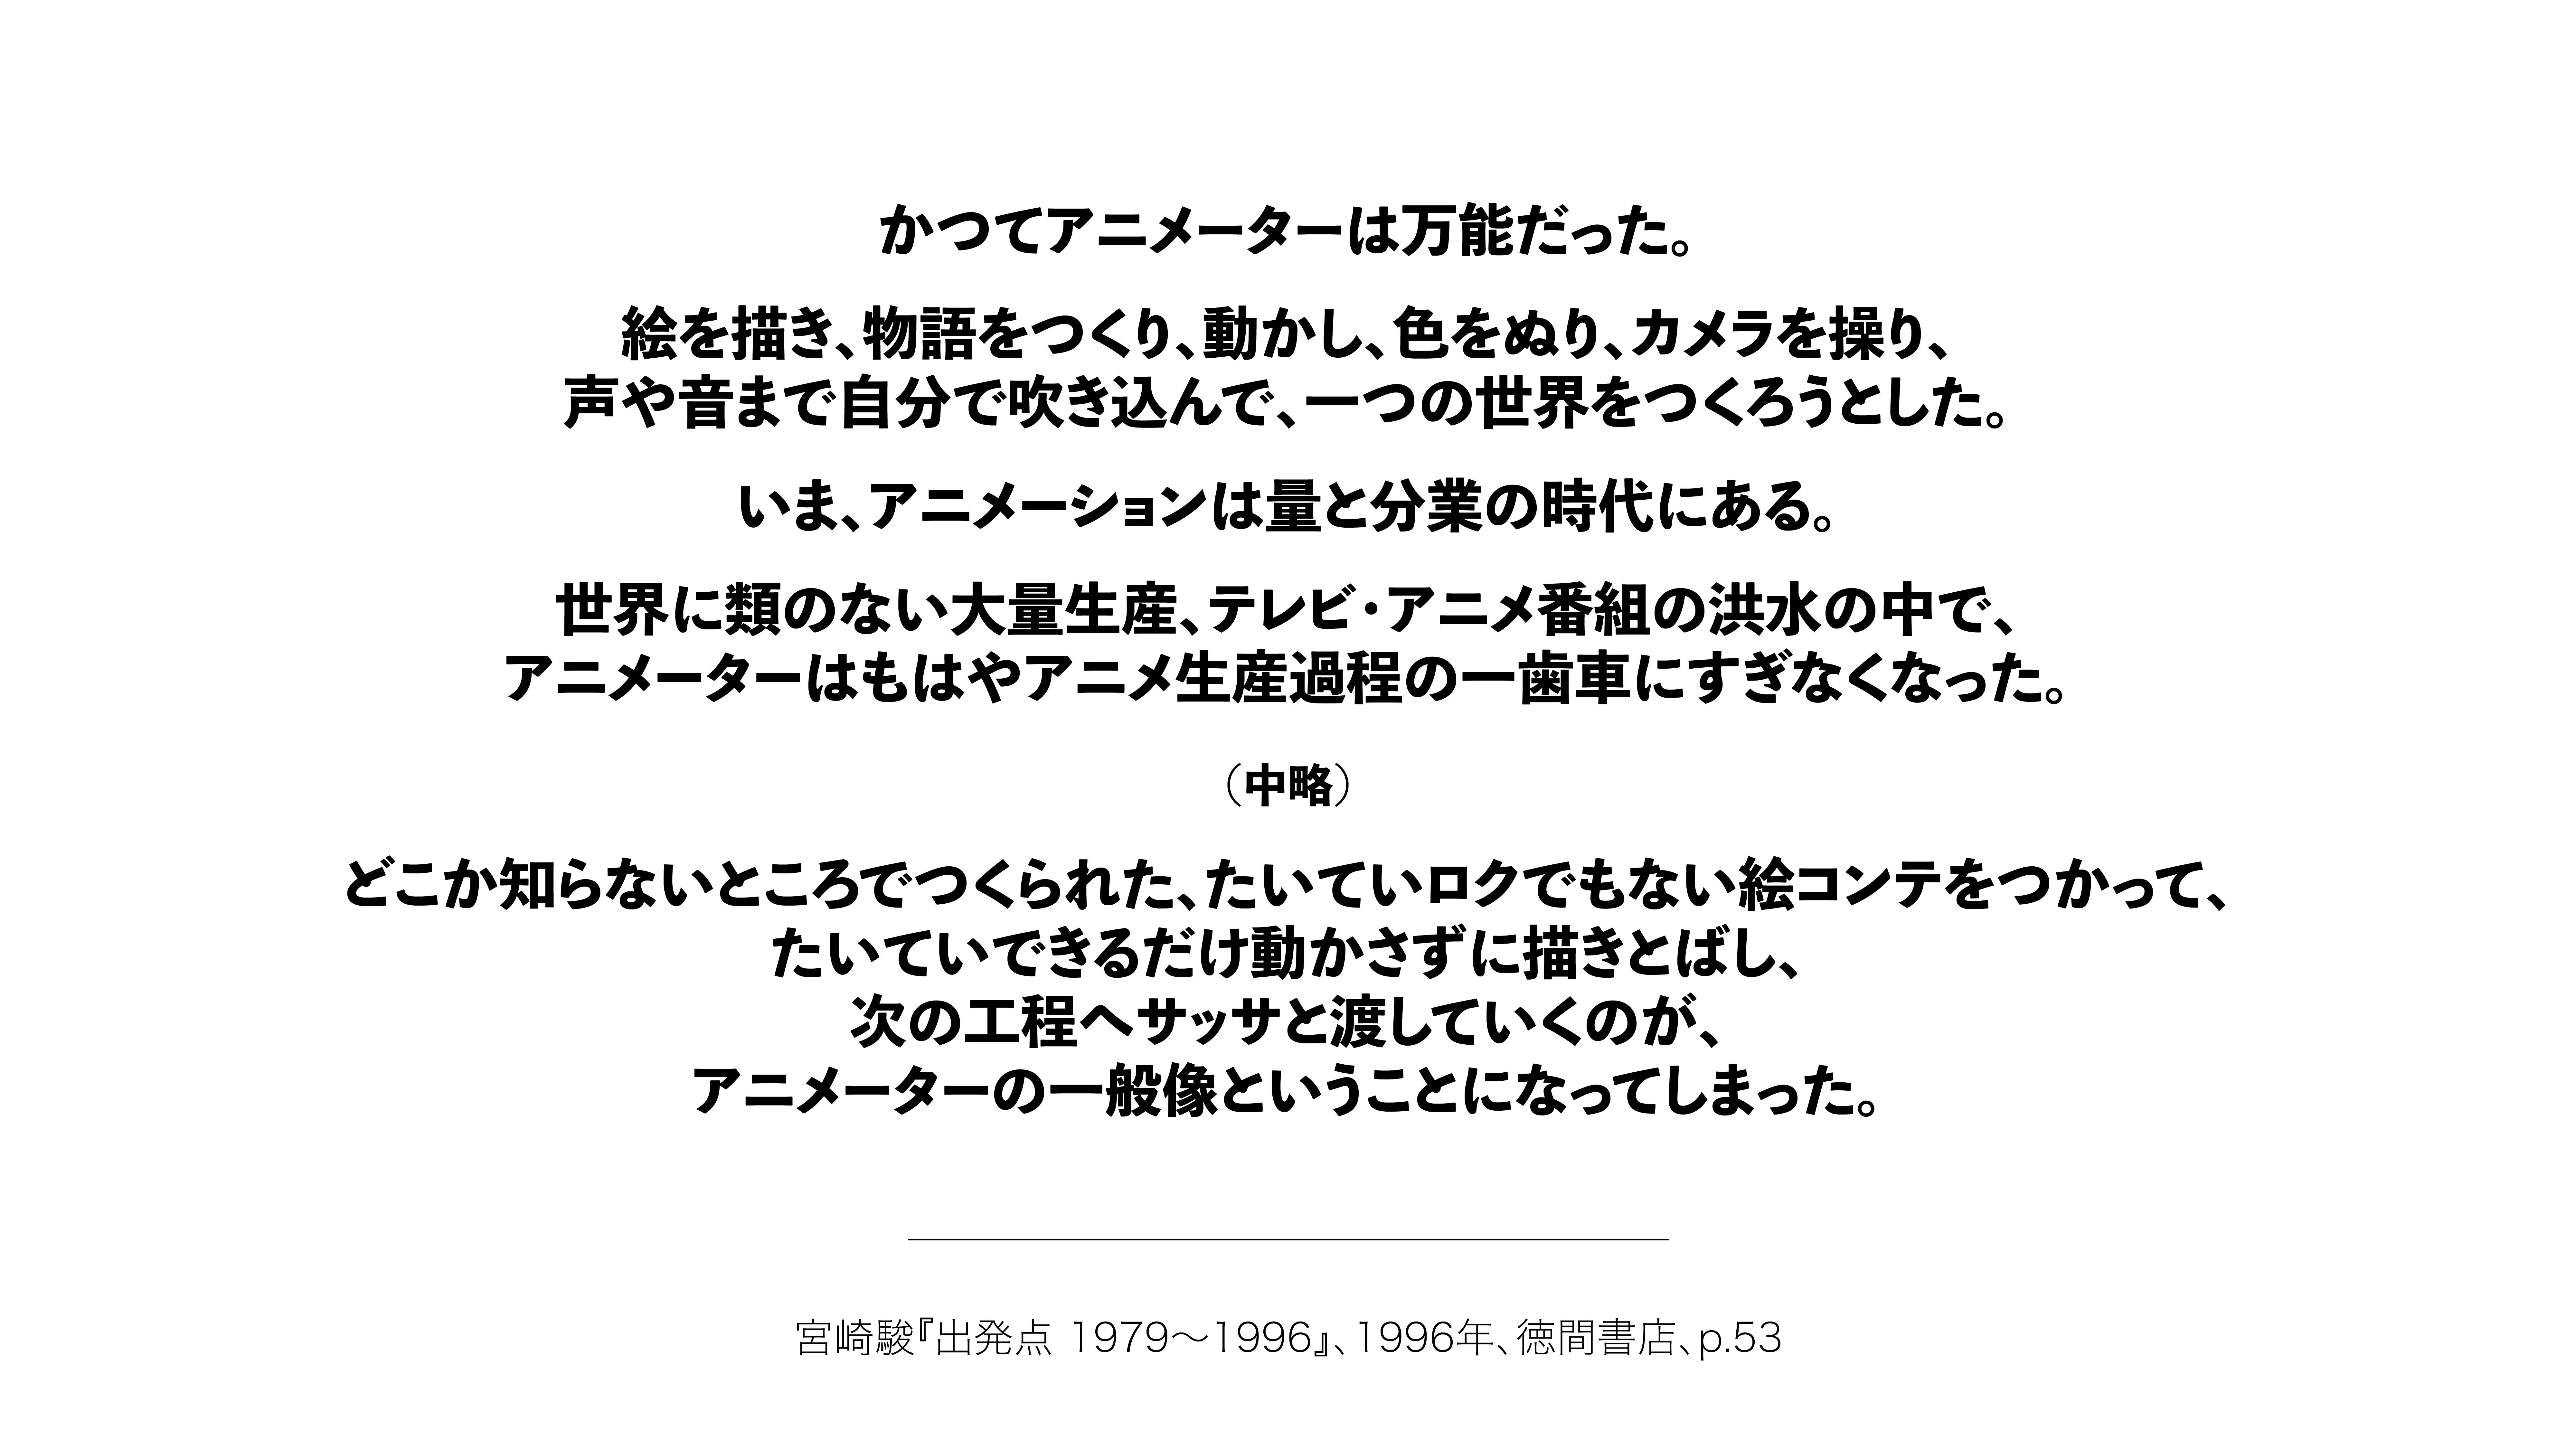 10_アニメーター解放宣言